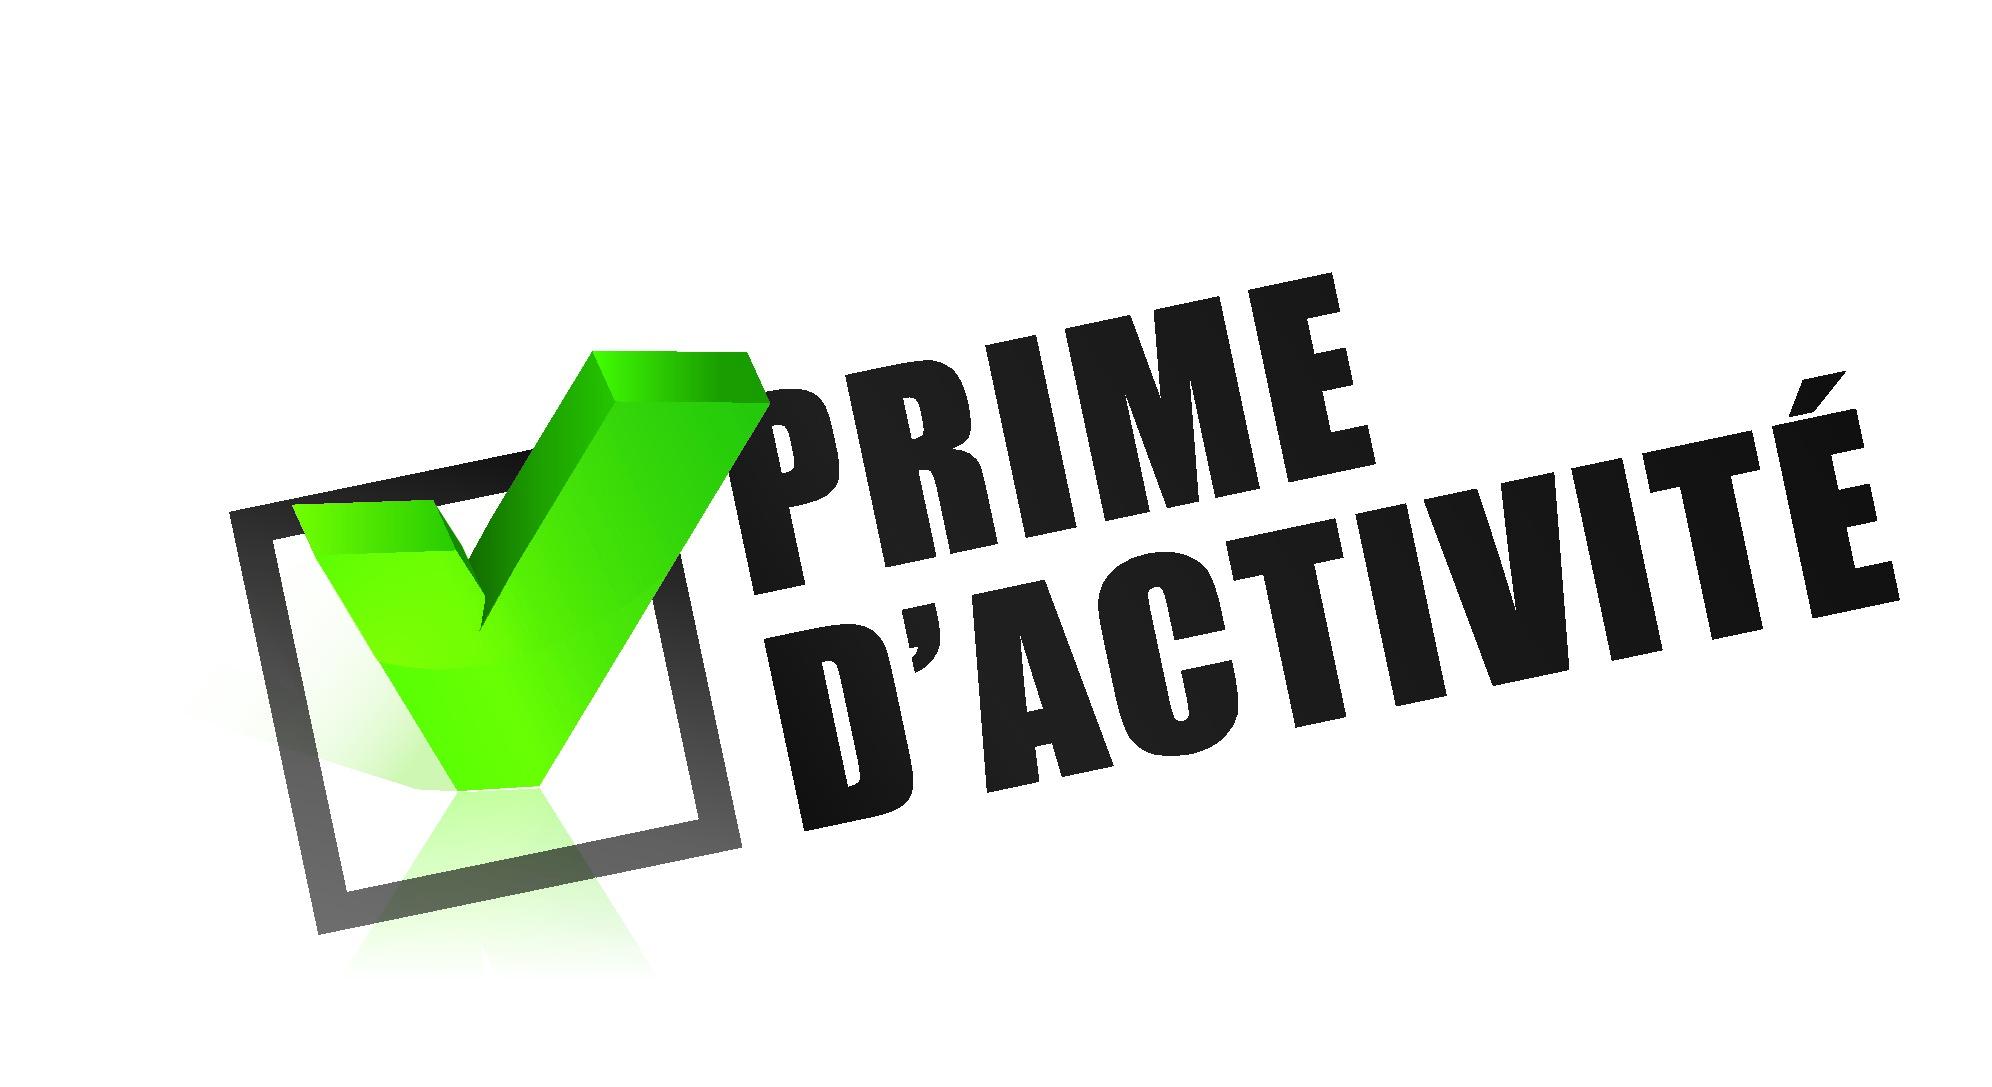 Prime activite image check